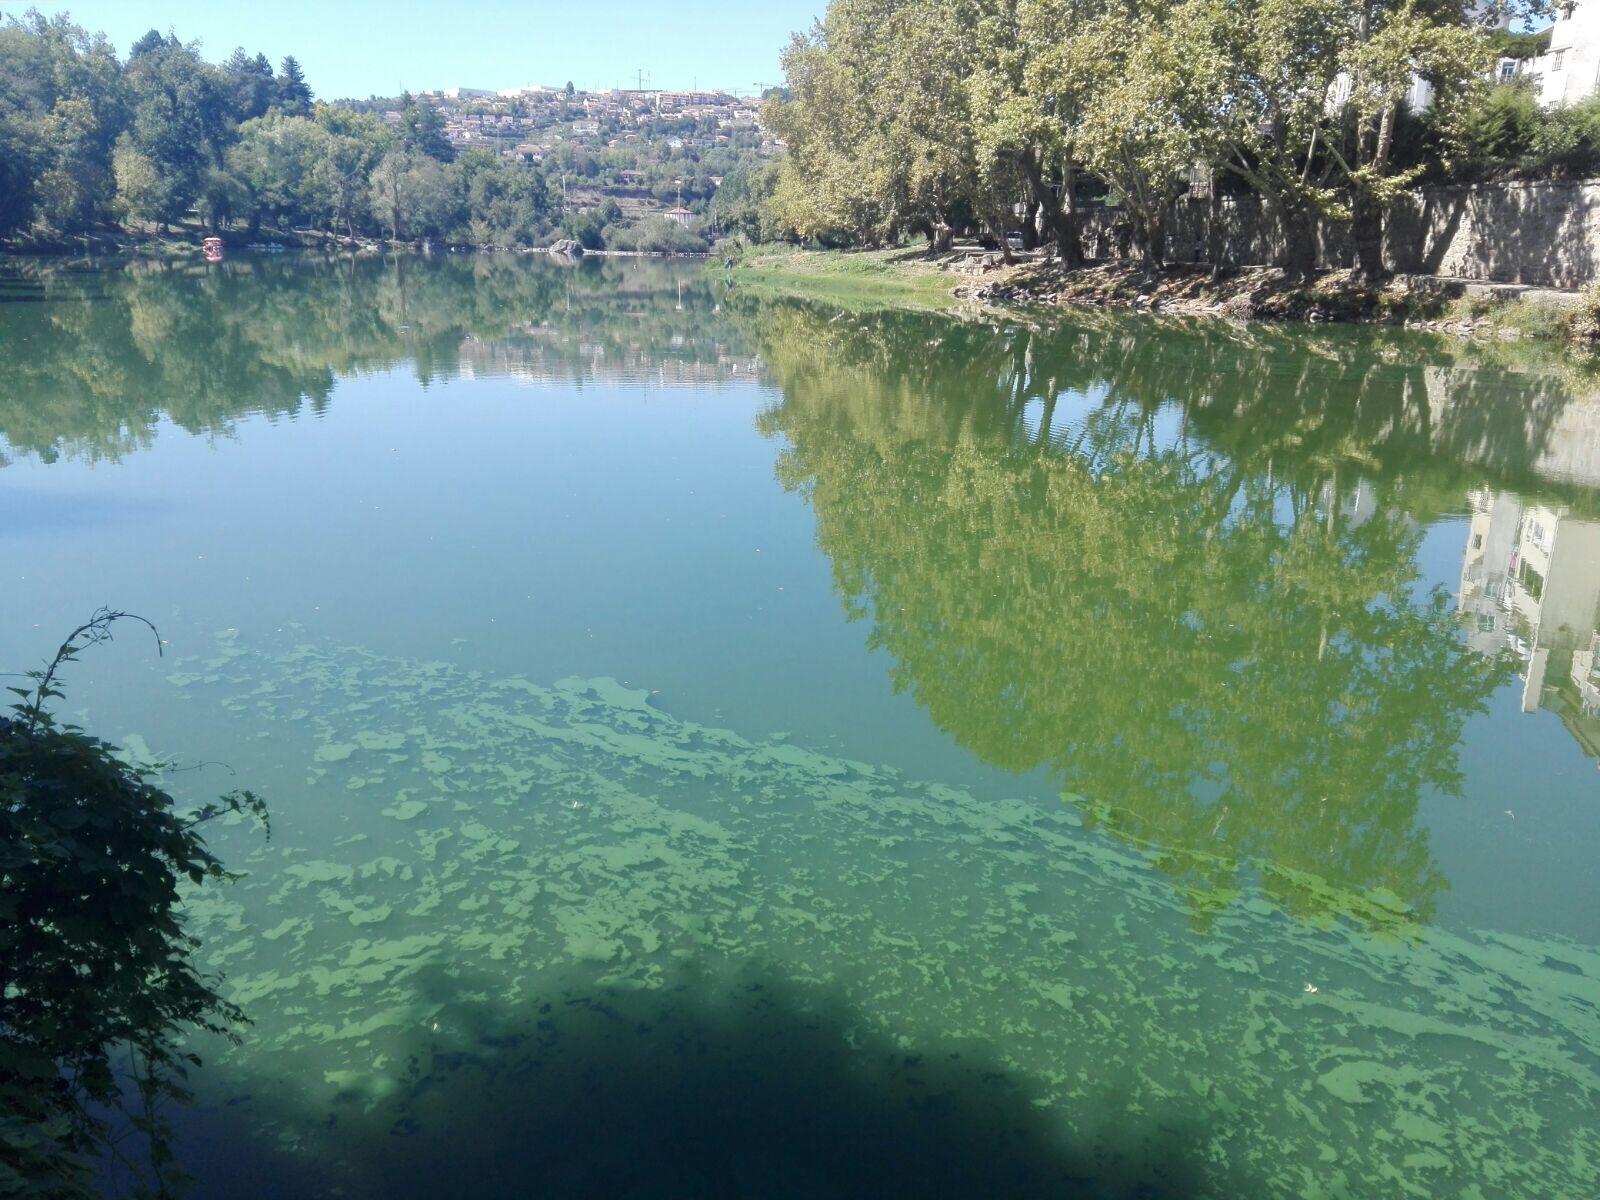 Poluição no rio Tâmega. Amarante. 13 de setembro de 2017